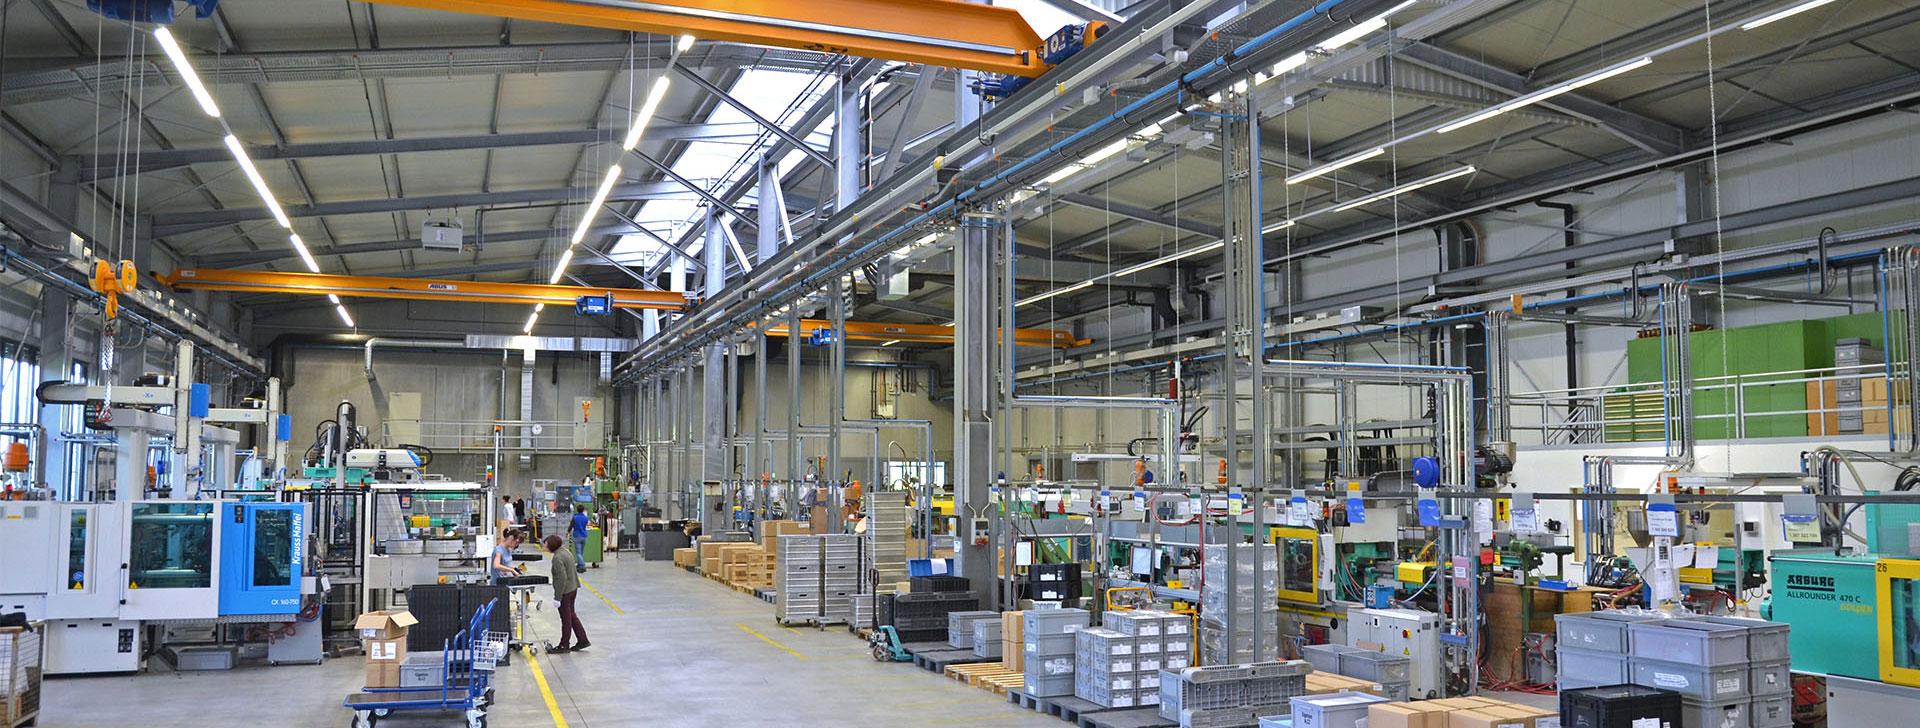 Halle mit Fachwerkbindern in Stahl